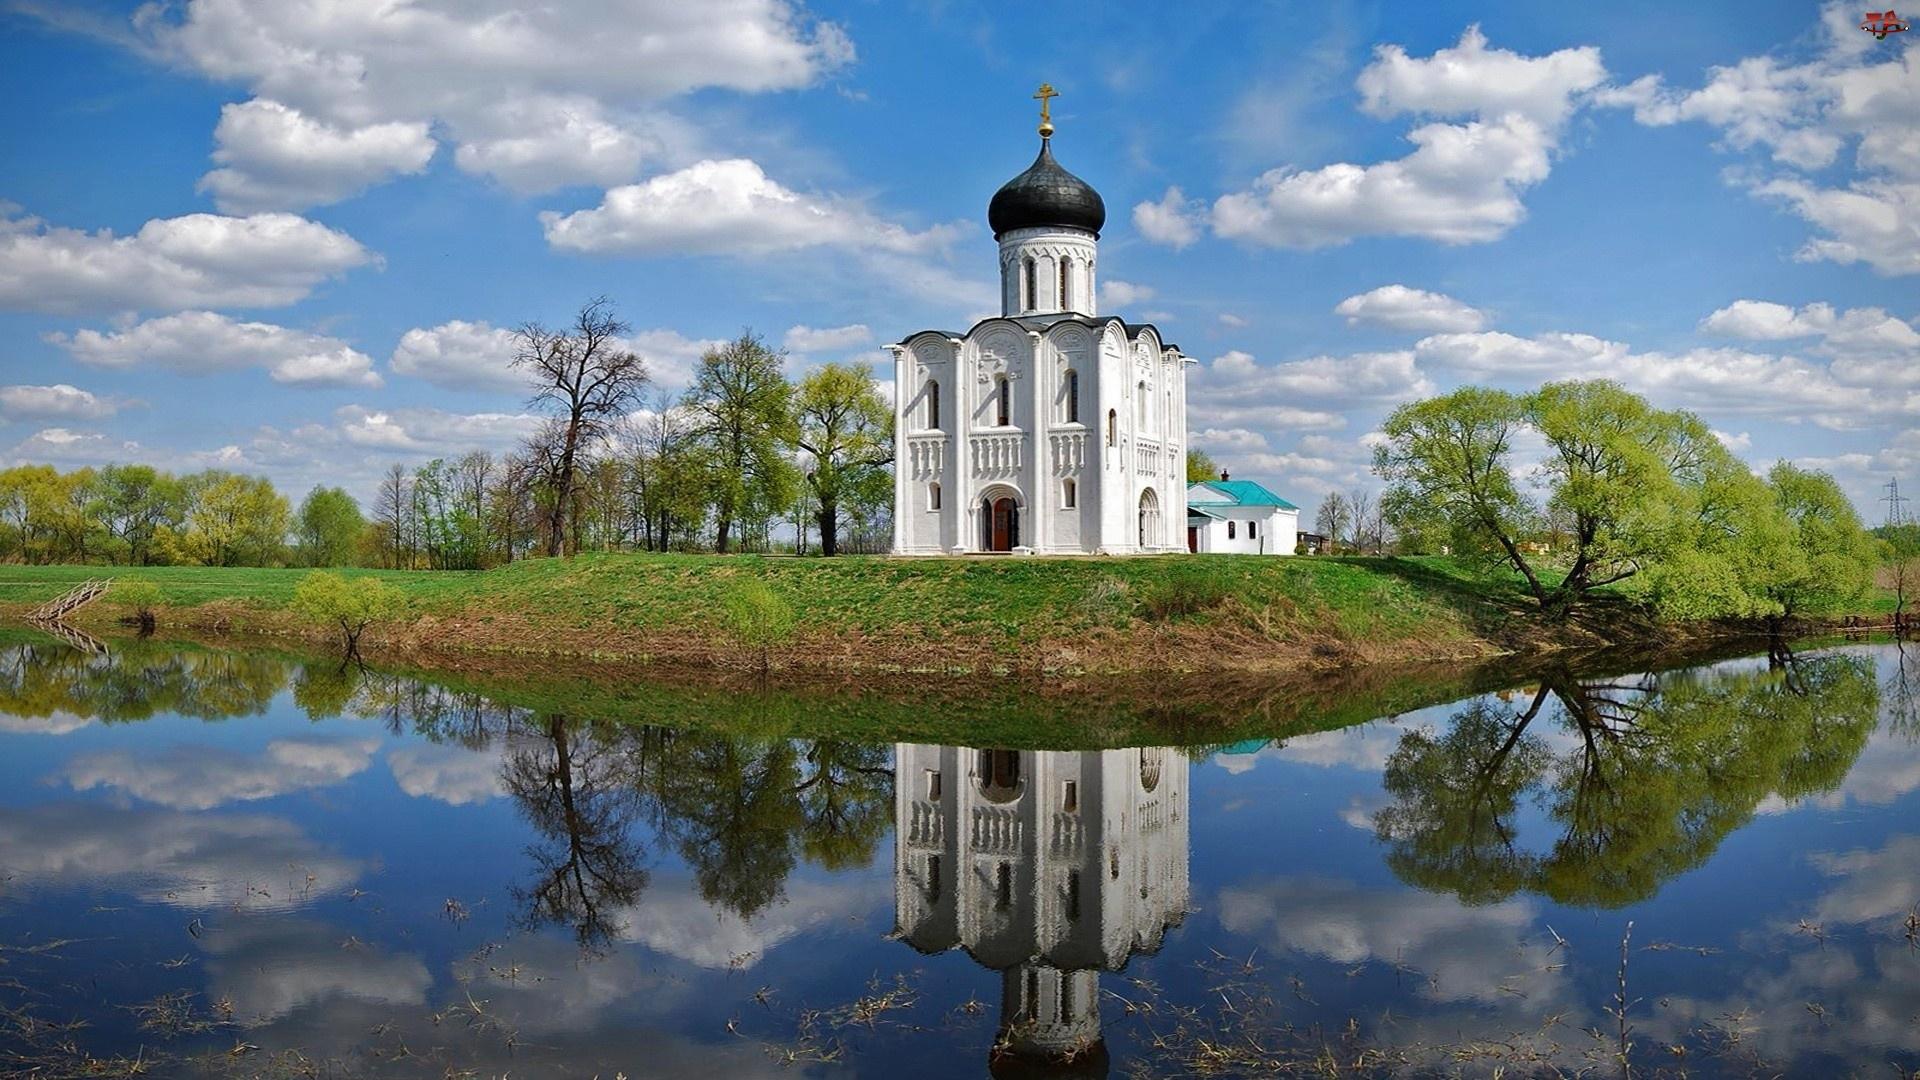 Cerkiew, Drzewa, Woda, Chmury